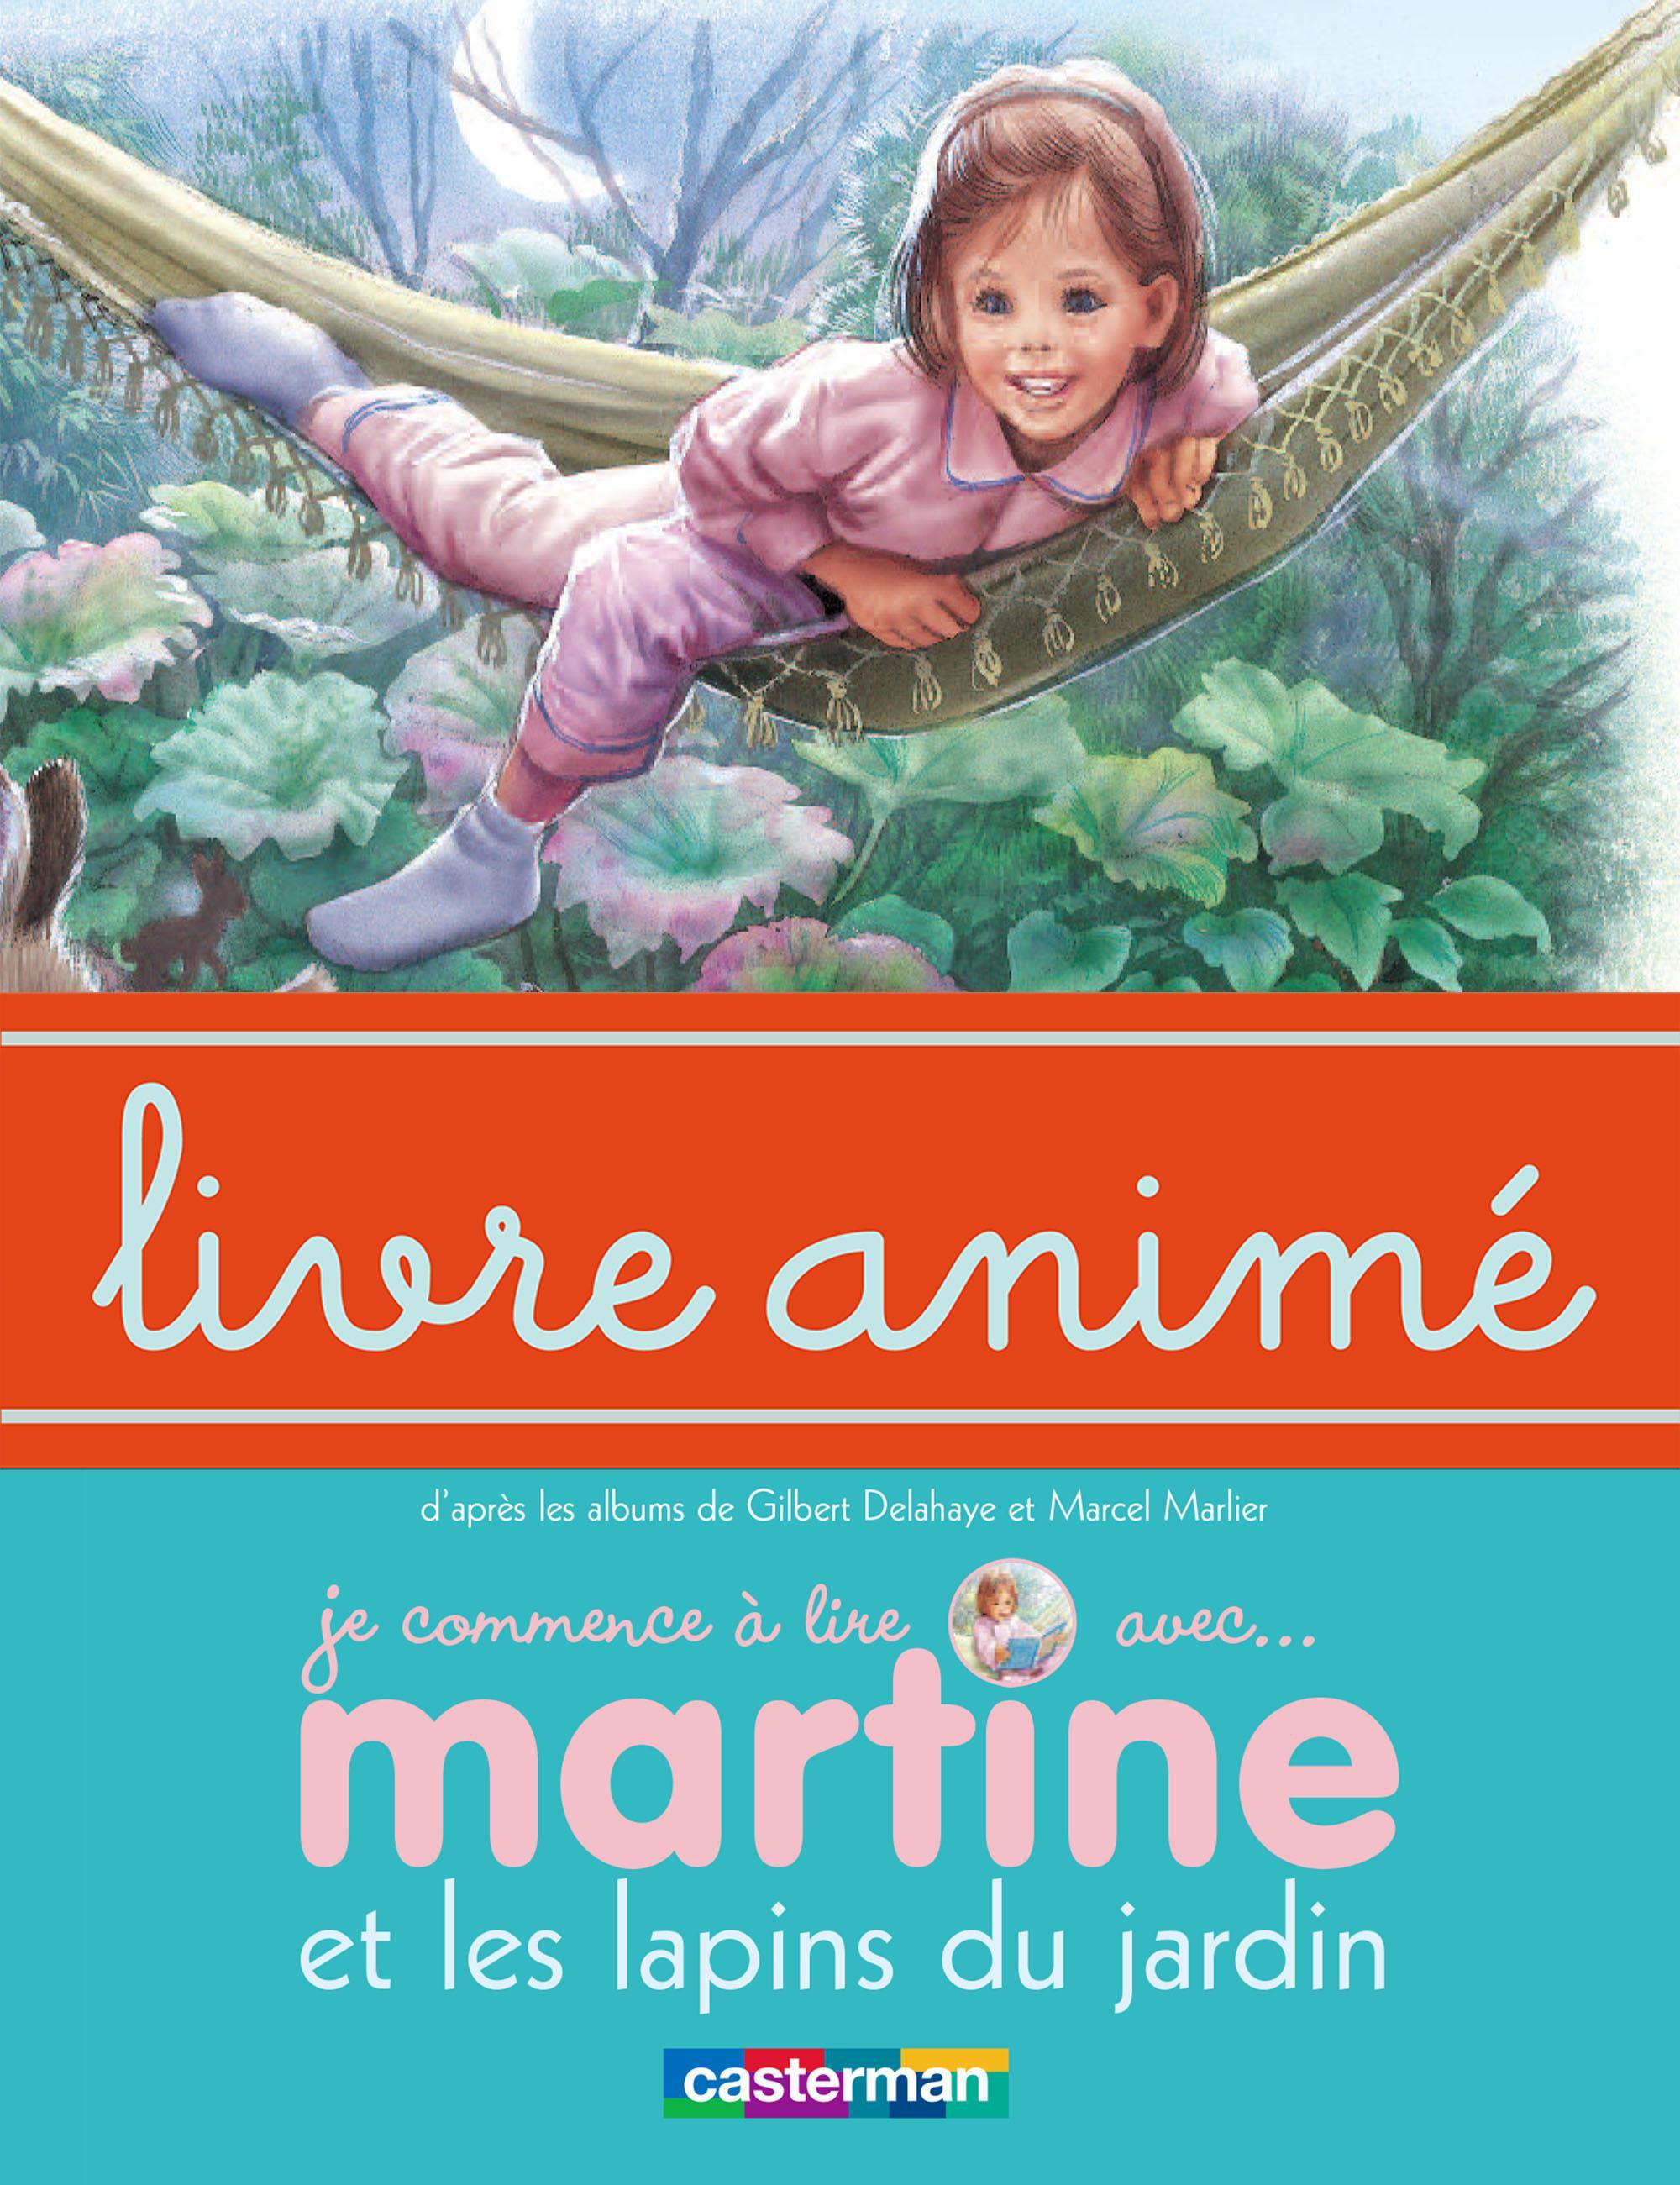 Martine et les lapins du jardin - Livre anim?